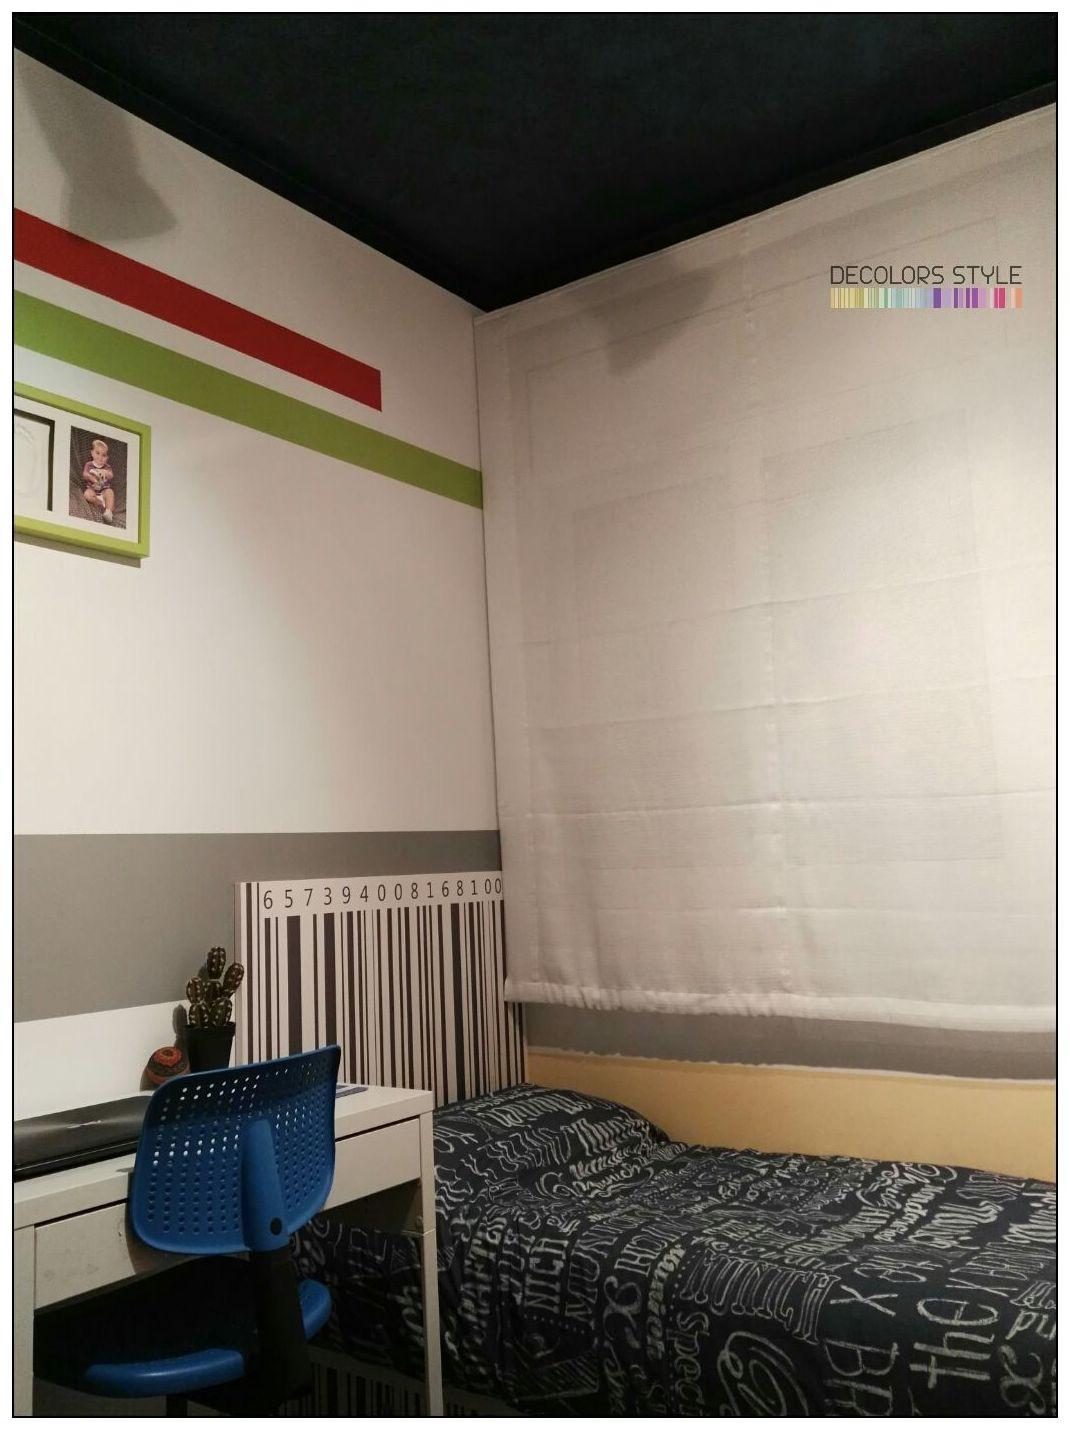 Foto 224 de Expertos en el sector de la pintura en Barcelona | Decolors Style